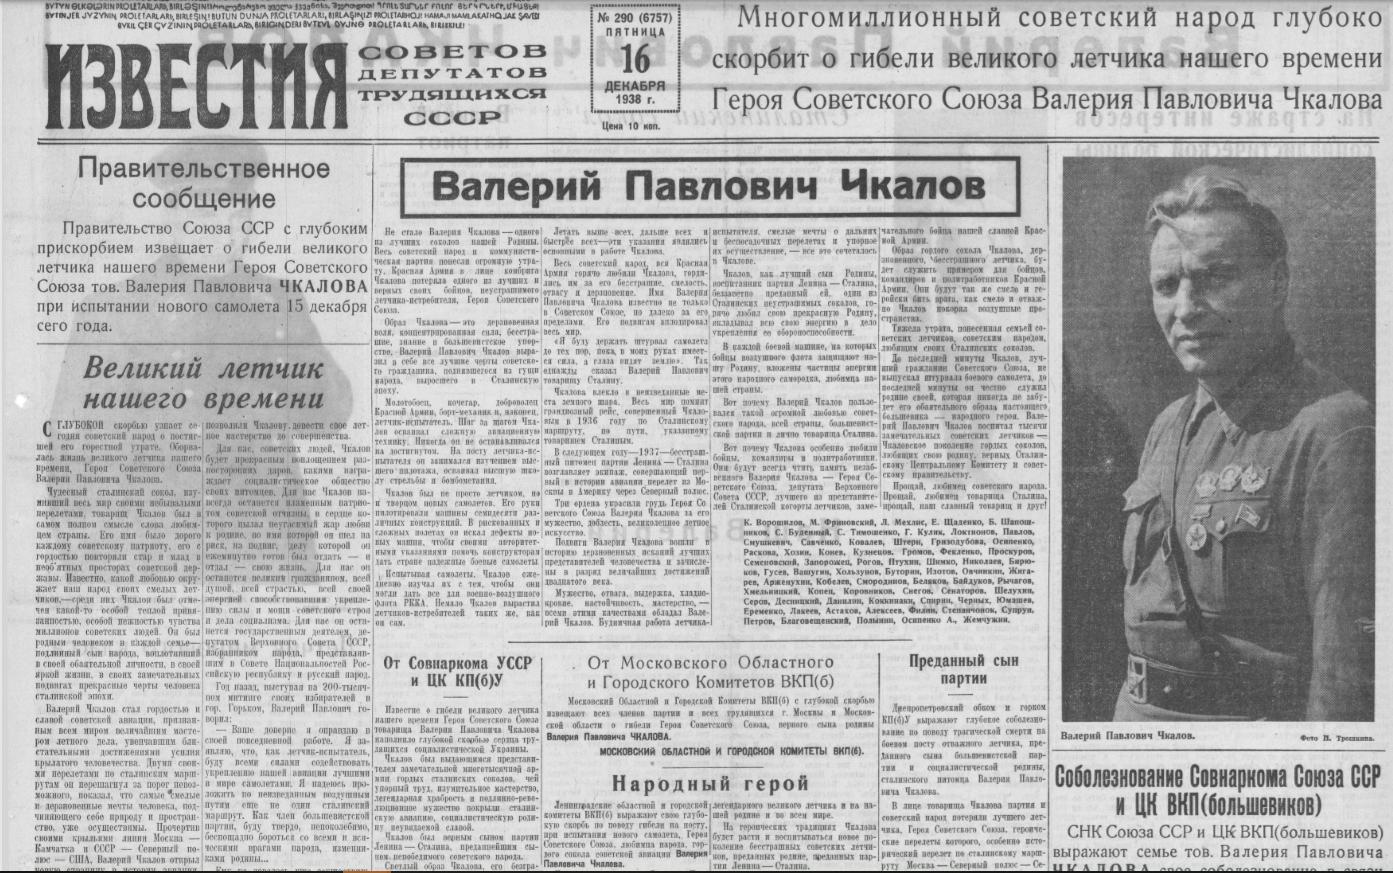 Черный день в истории Советской Авиации - 15 декабря 1938 года